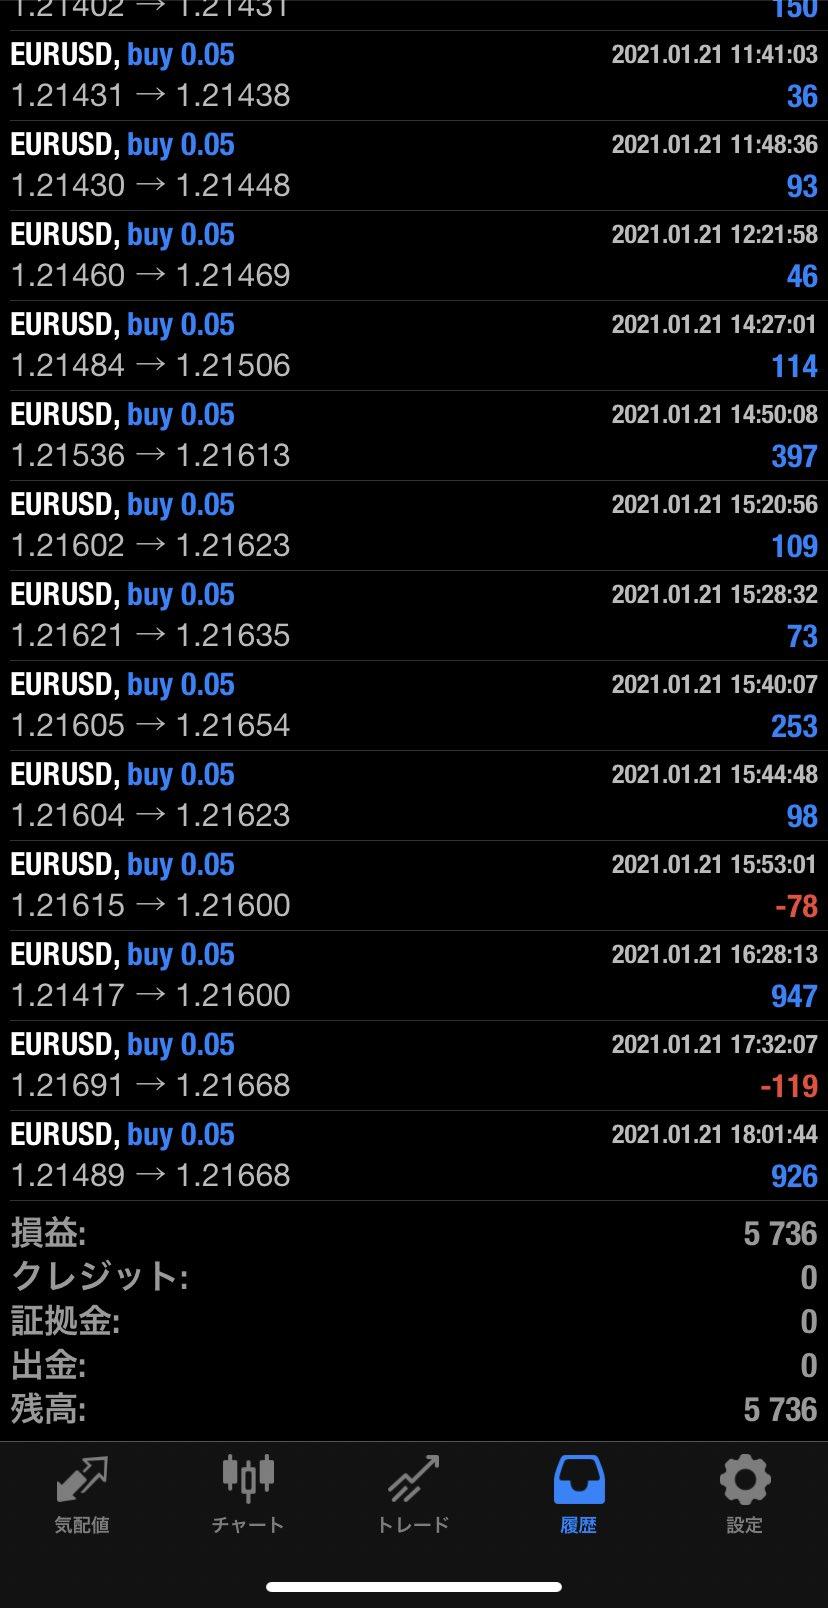 2021年1月21日 EUR/USDバージョン5,736円